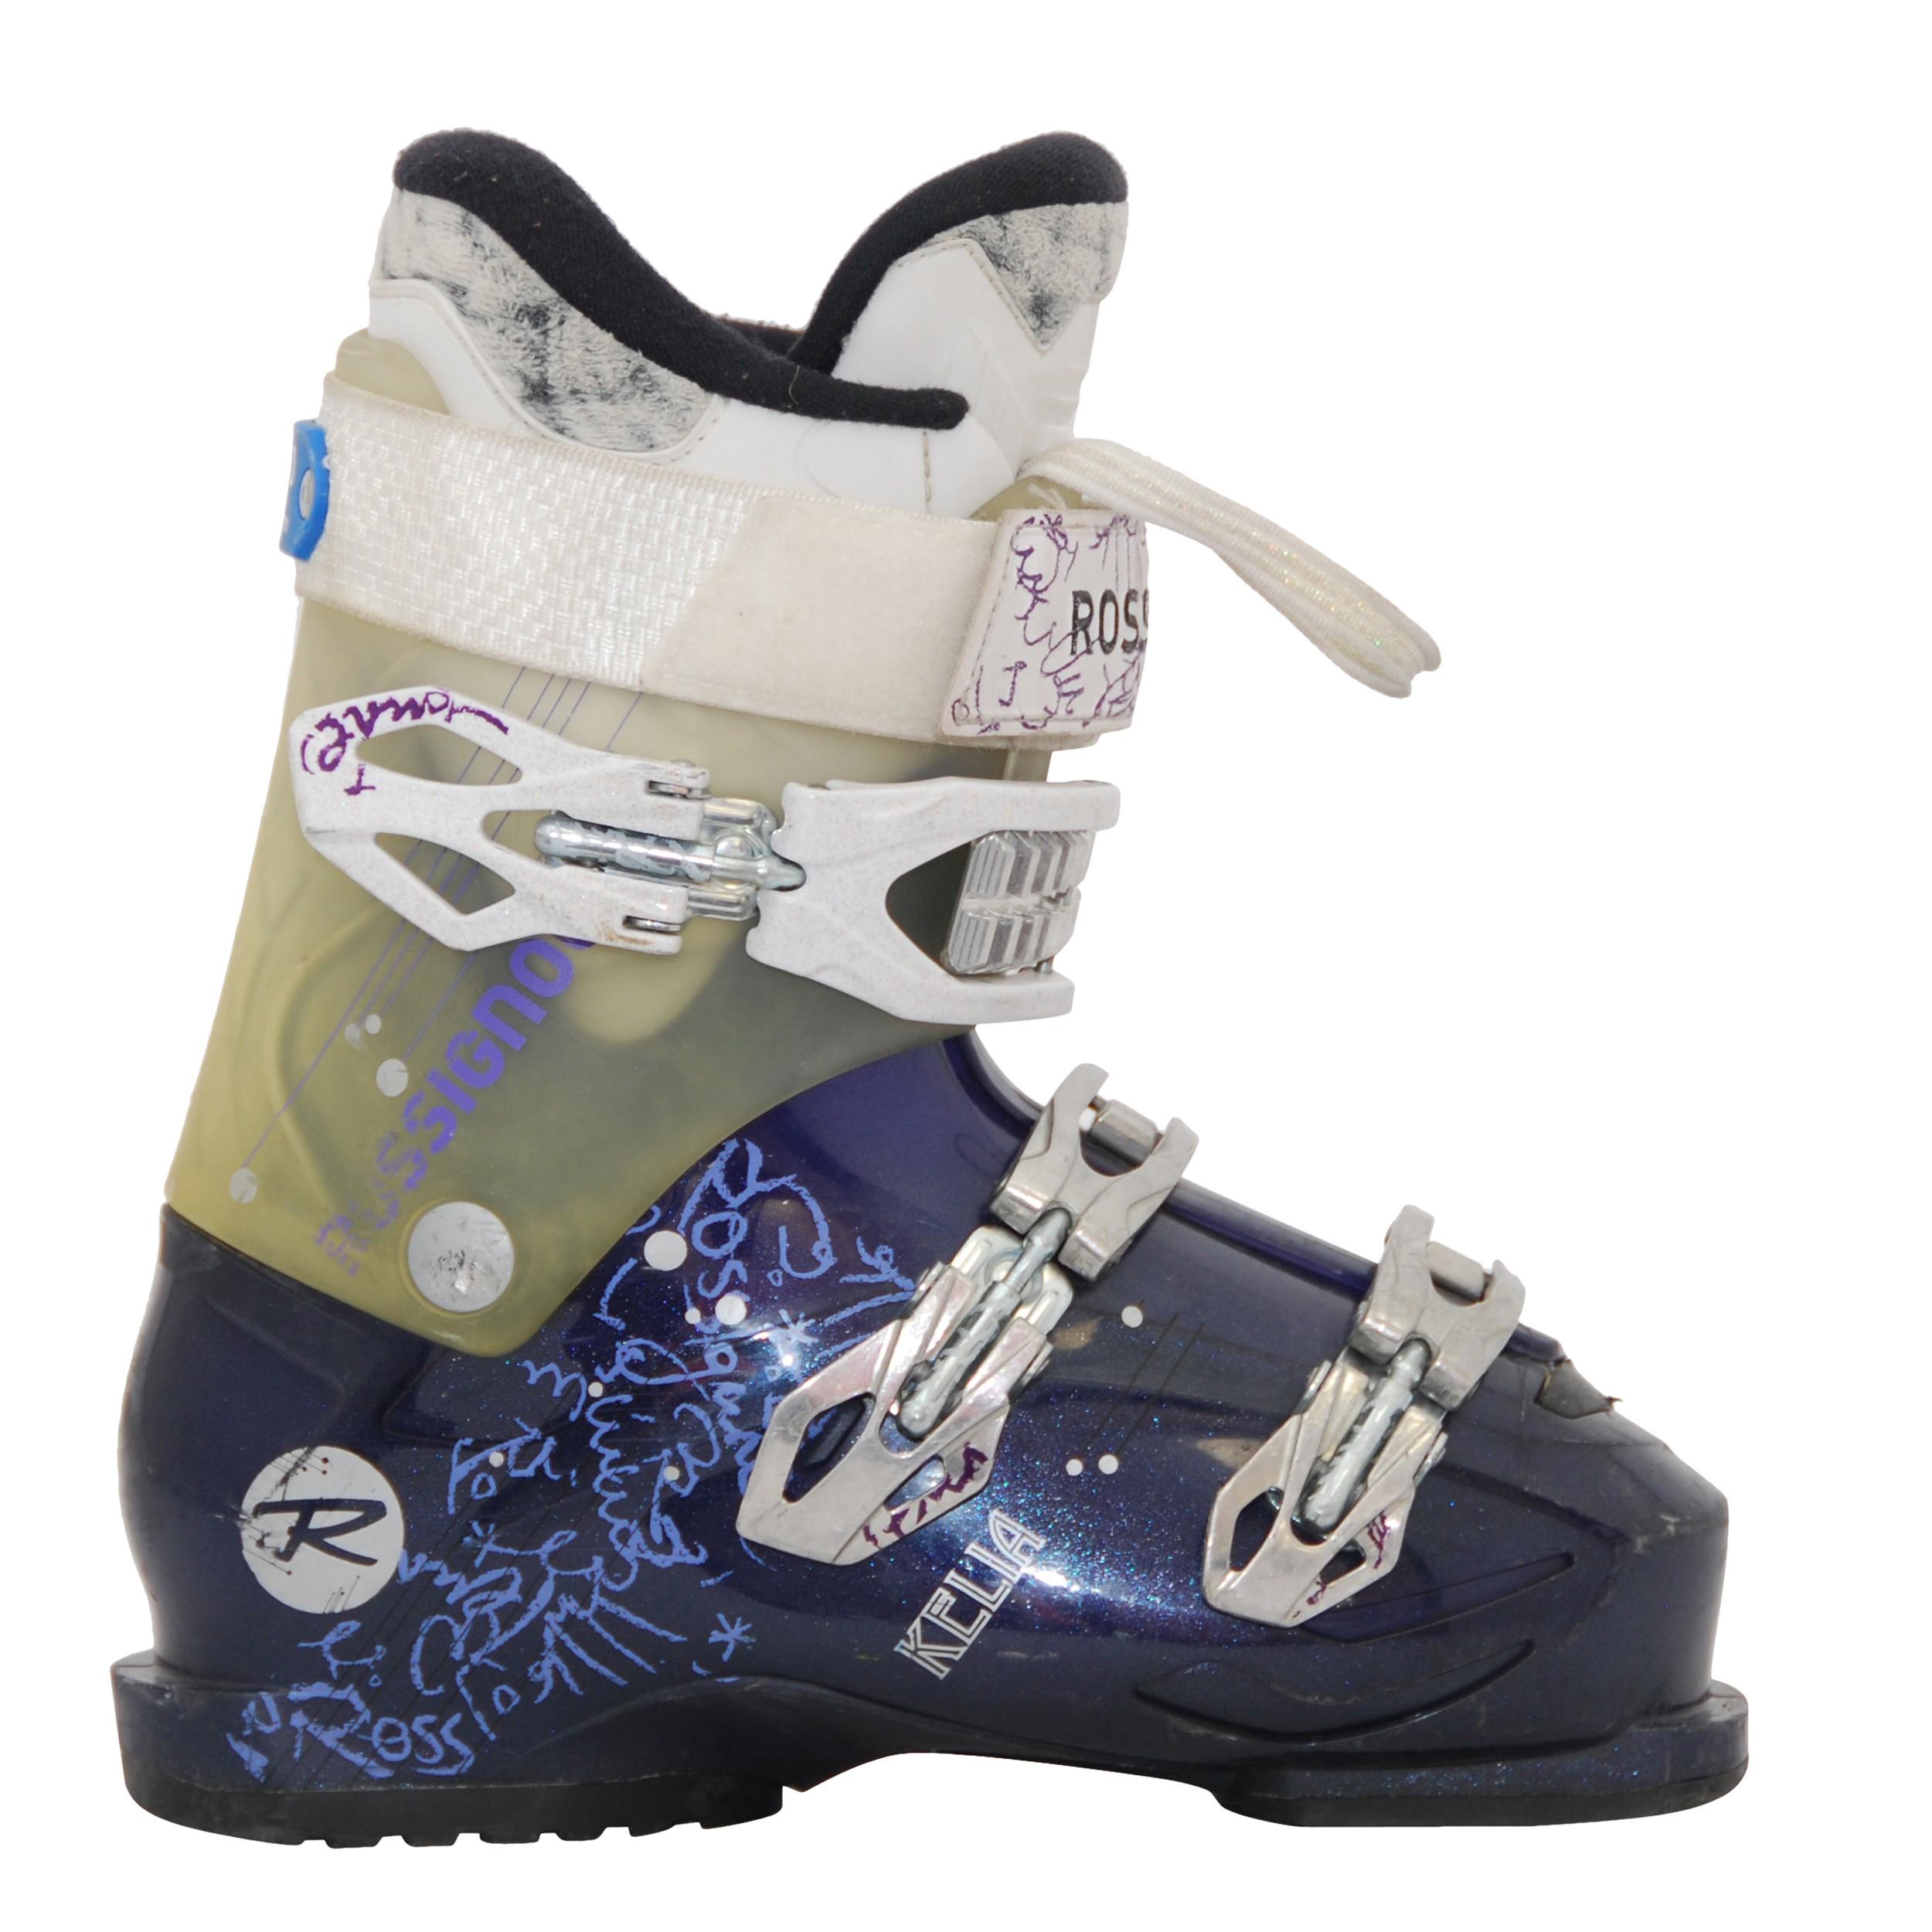 Chaussure de ski Occasion Rossignol kelia volettranslucide